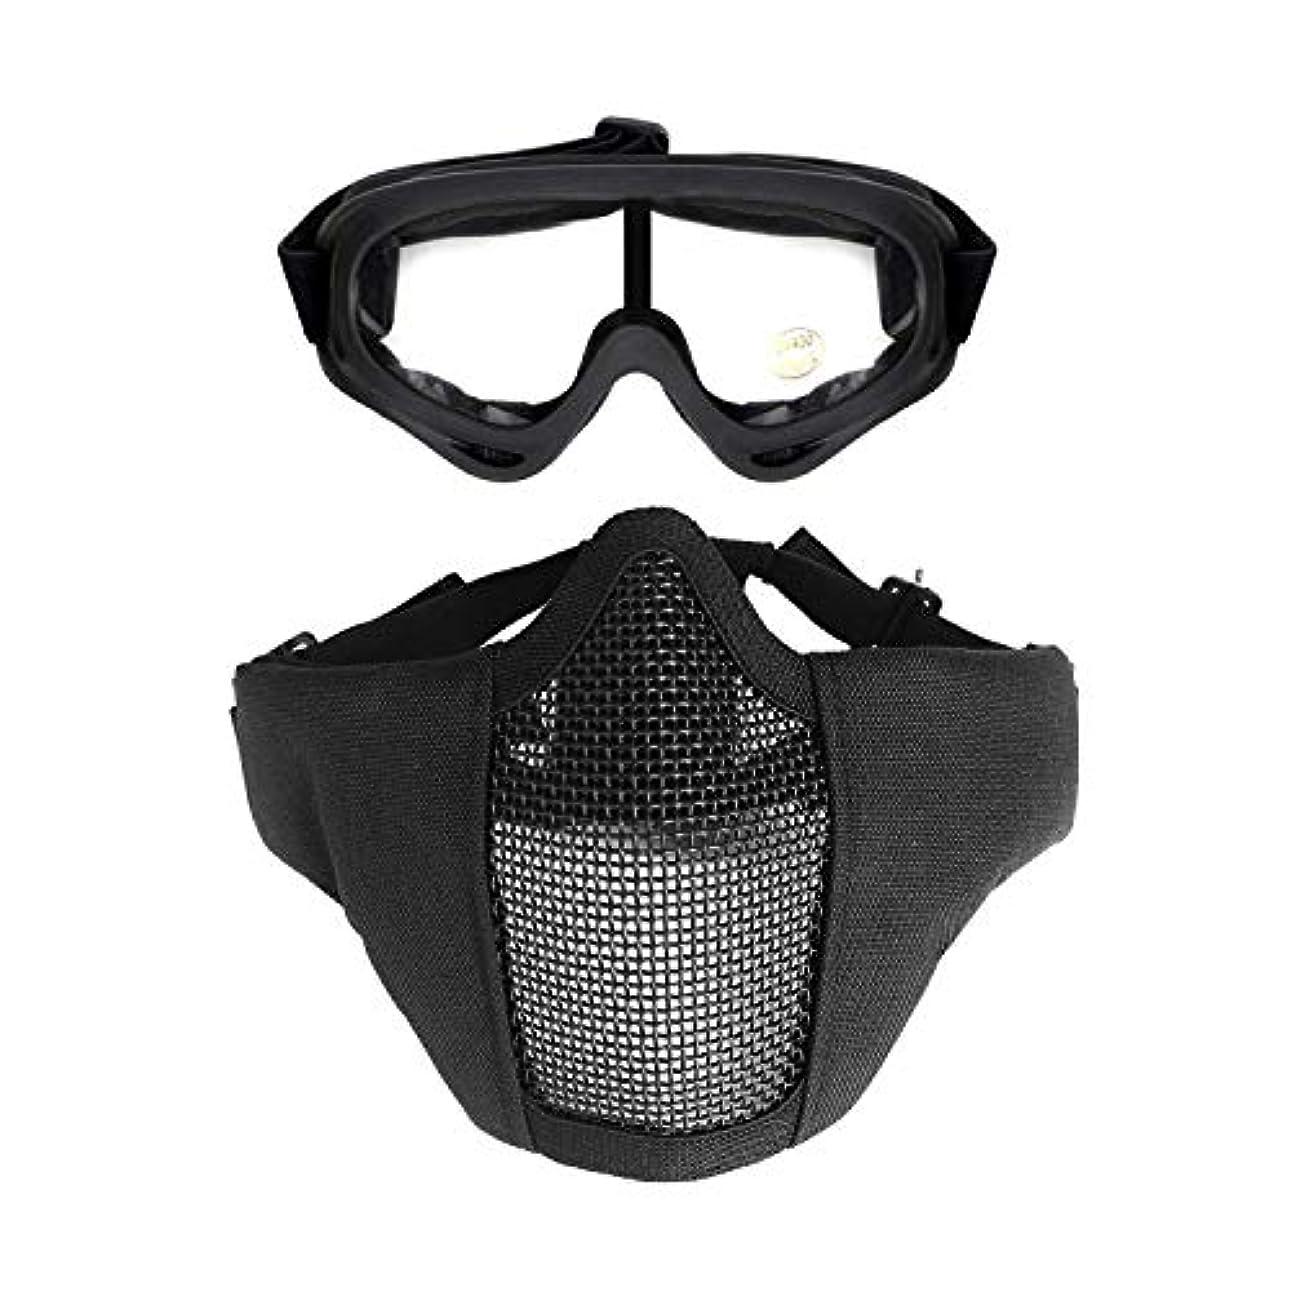 出発準備ができて雇用者メッシュ マスク ゴーグル付き 通気性が良い フェイスマスク ゲーム ブラック 2個セット